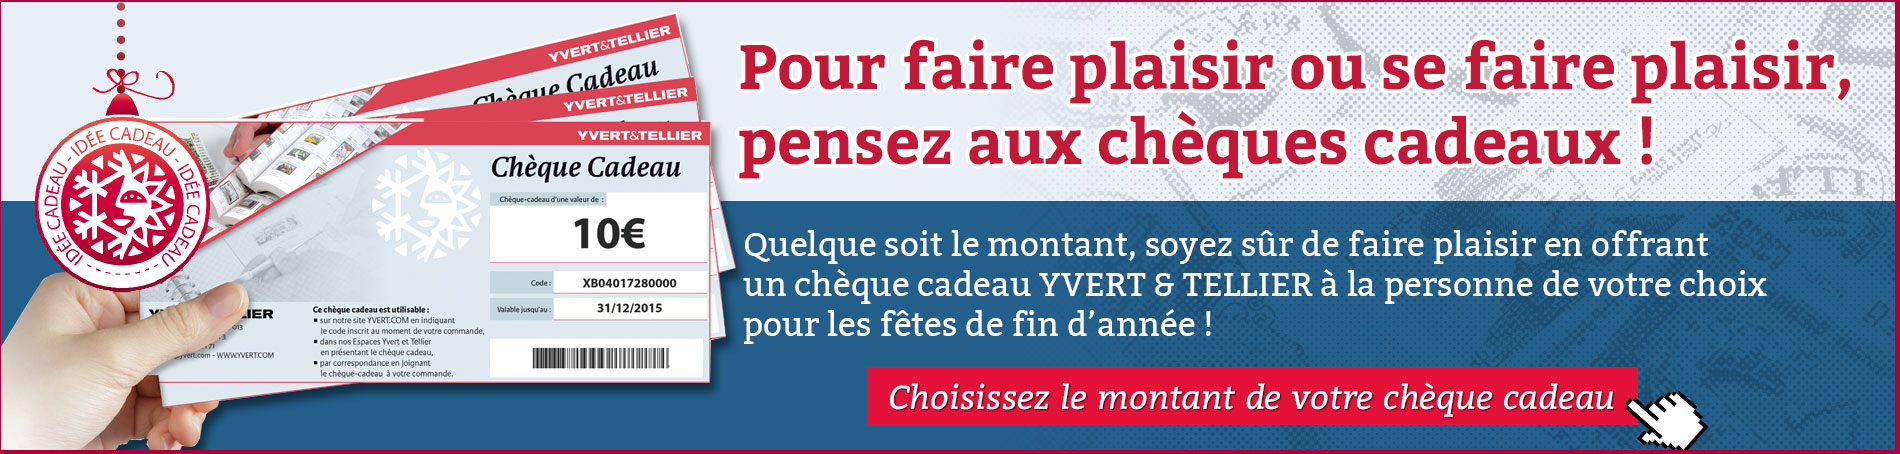 Slide 23 - Cheque Cadeau